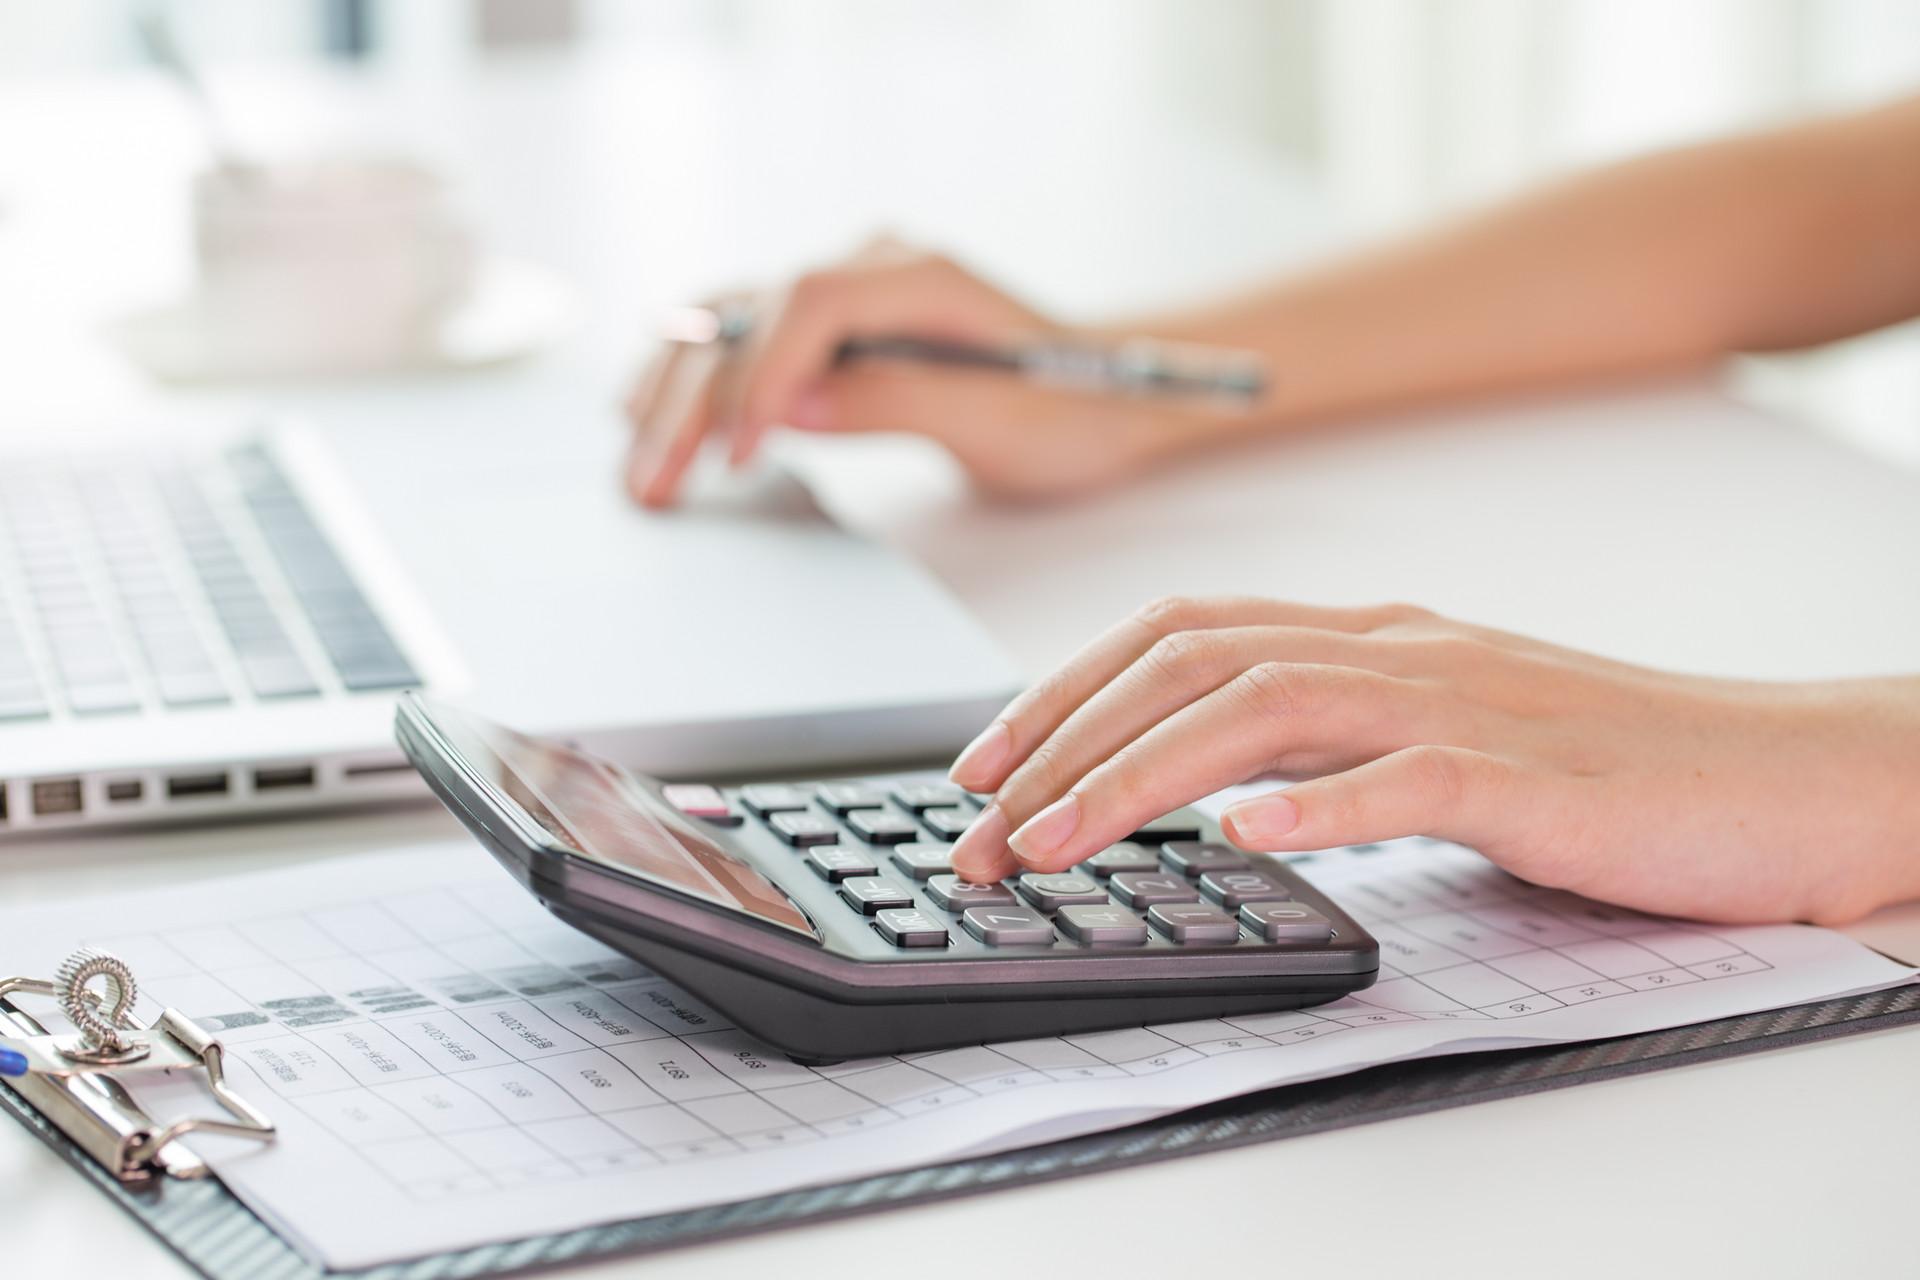 2019年第一个月,你就把员工的个税算错了!